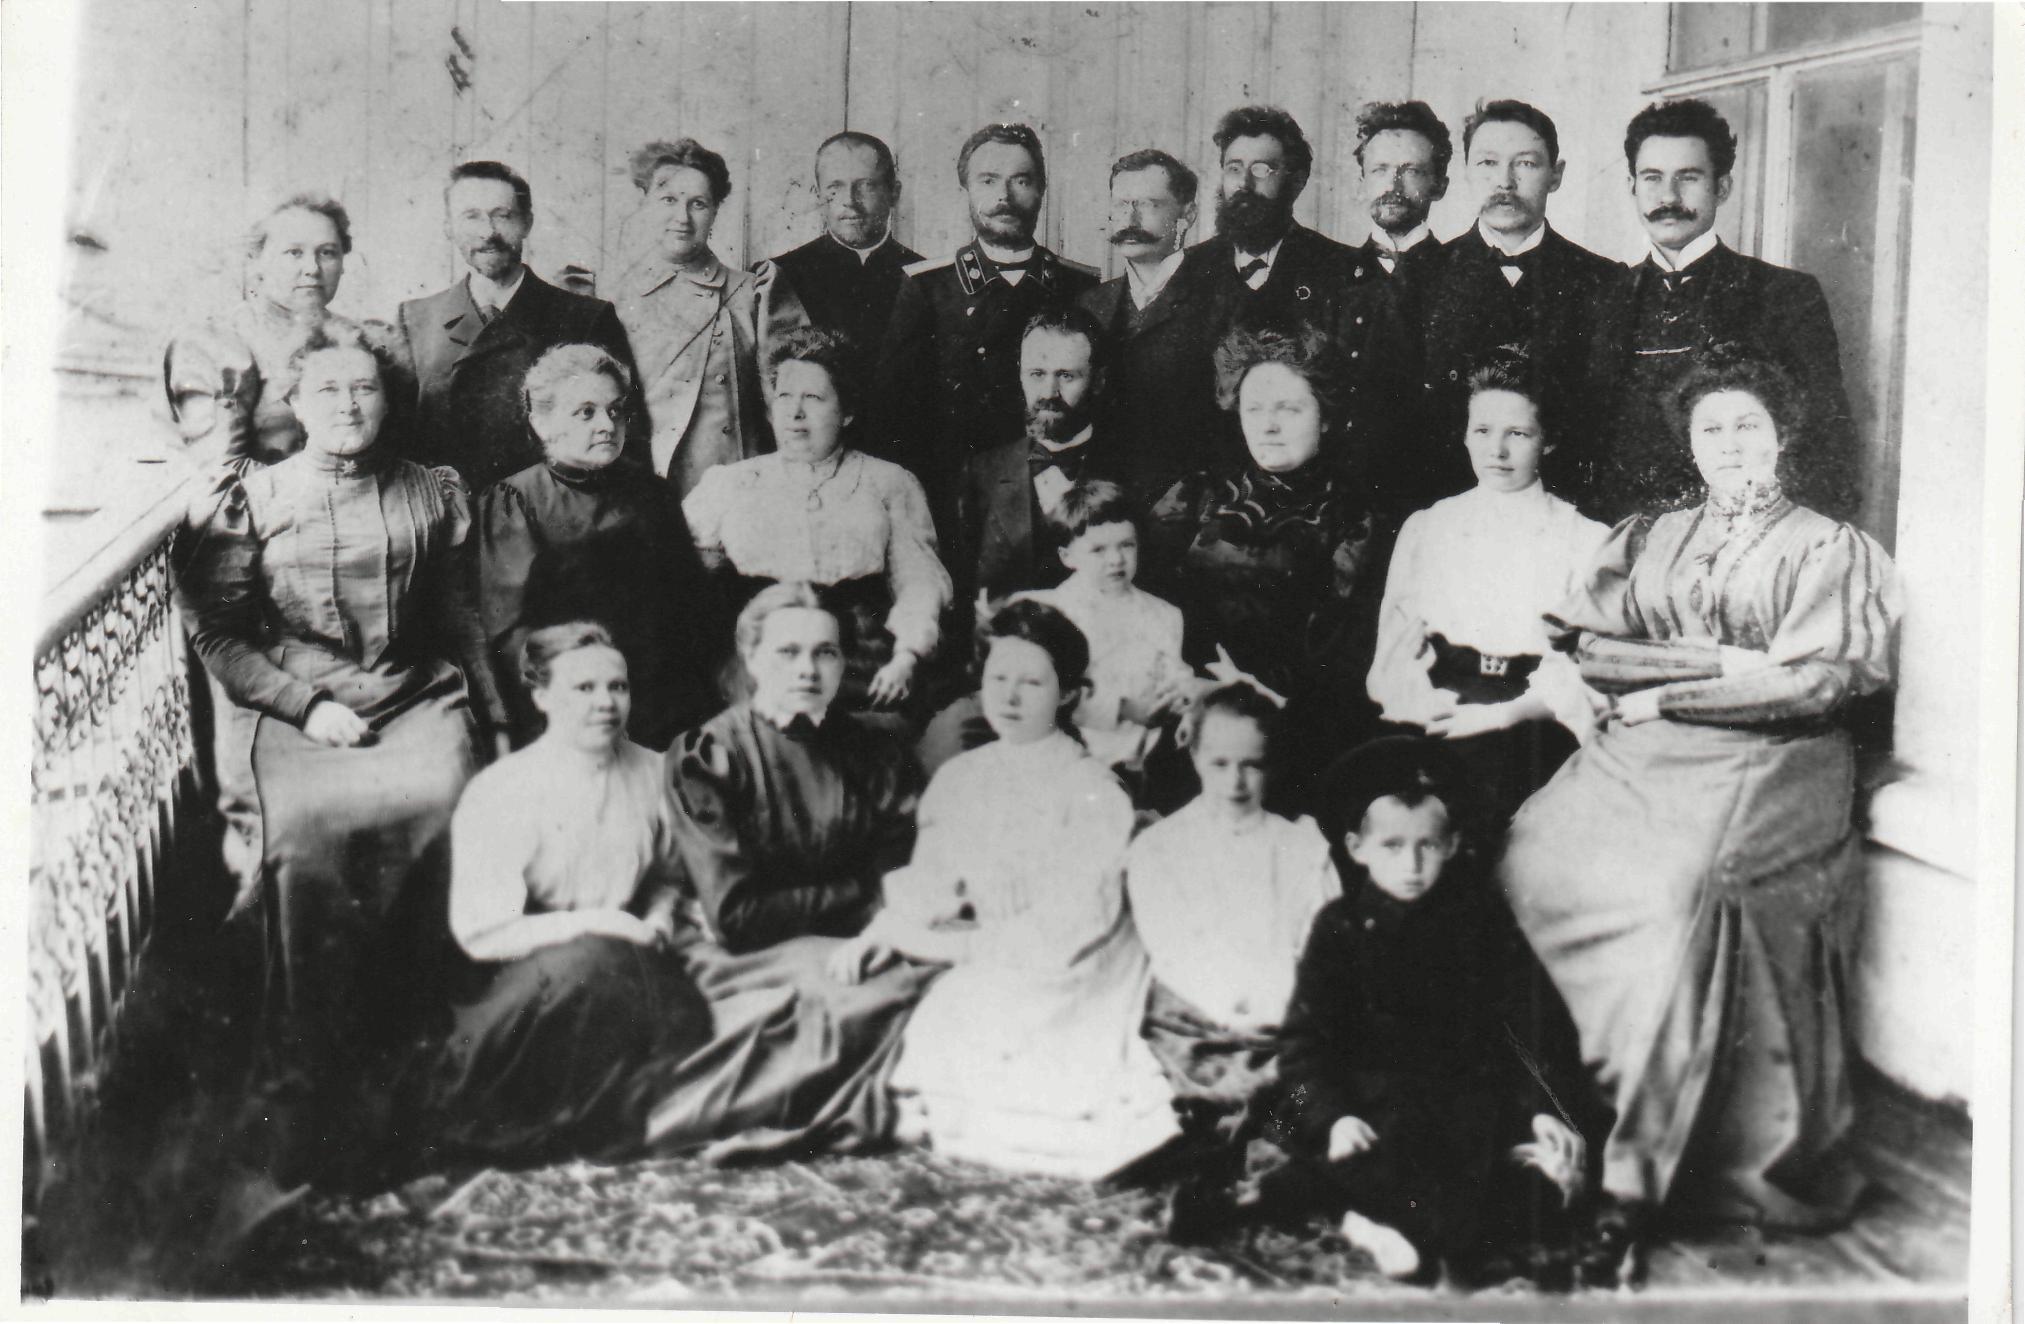 Группа уржумской интеллигенции - участников спектаклей на балконе в доме Капгеров. 1908 г.